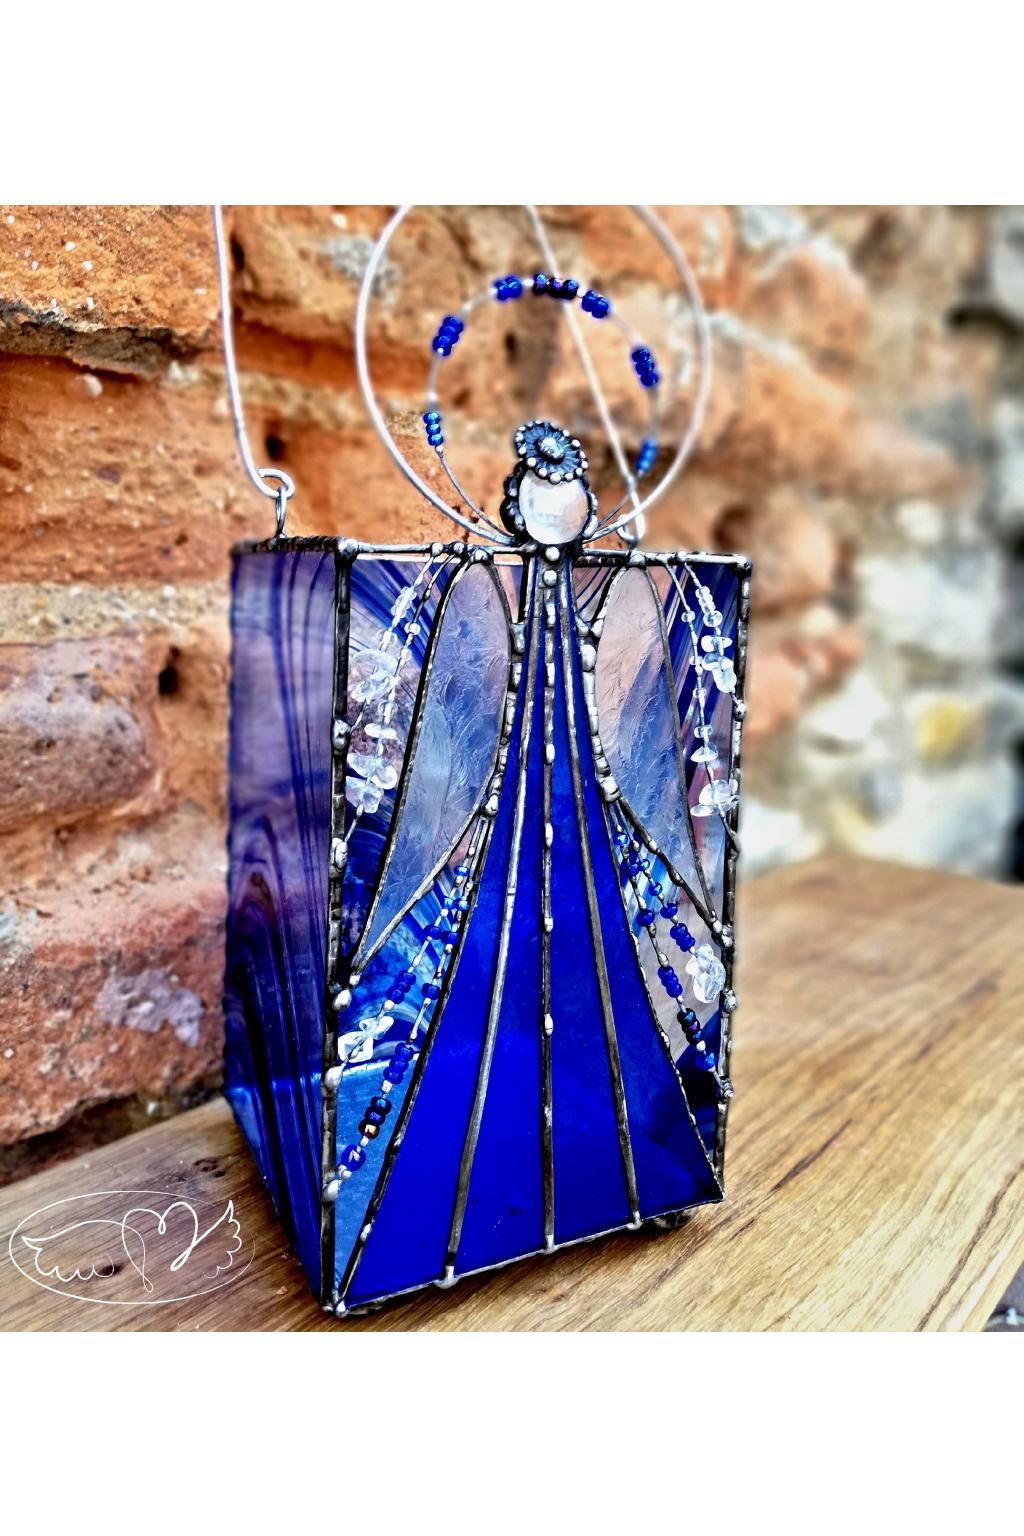 Andělská vitráž - dekorace s mnohým využitím - Modrásek 25cm